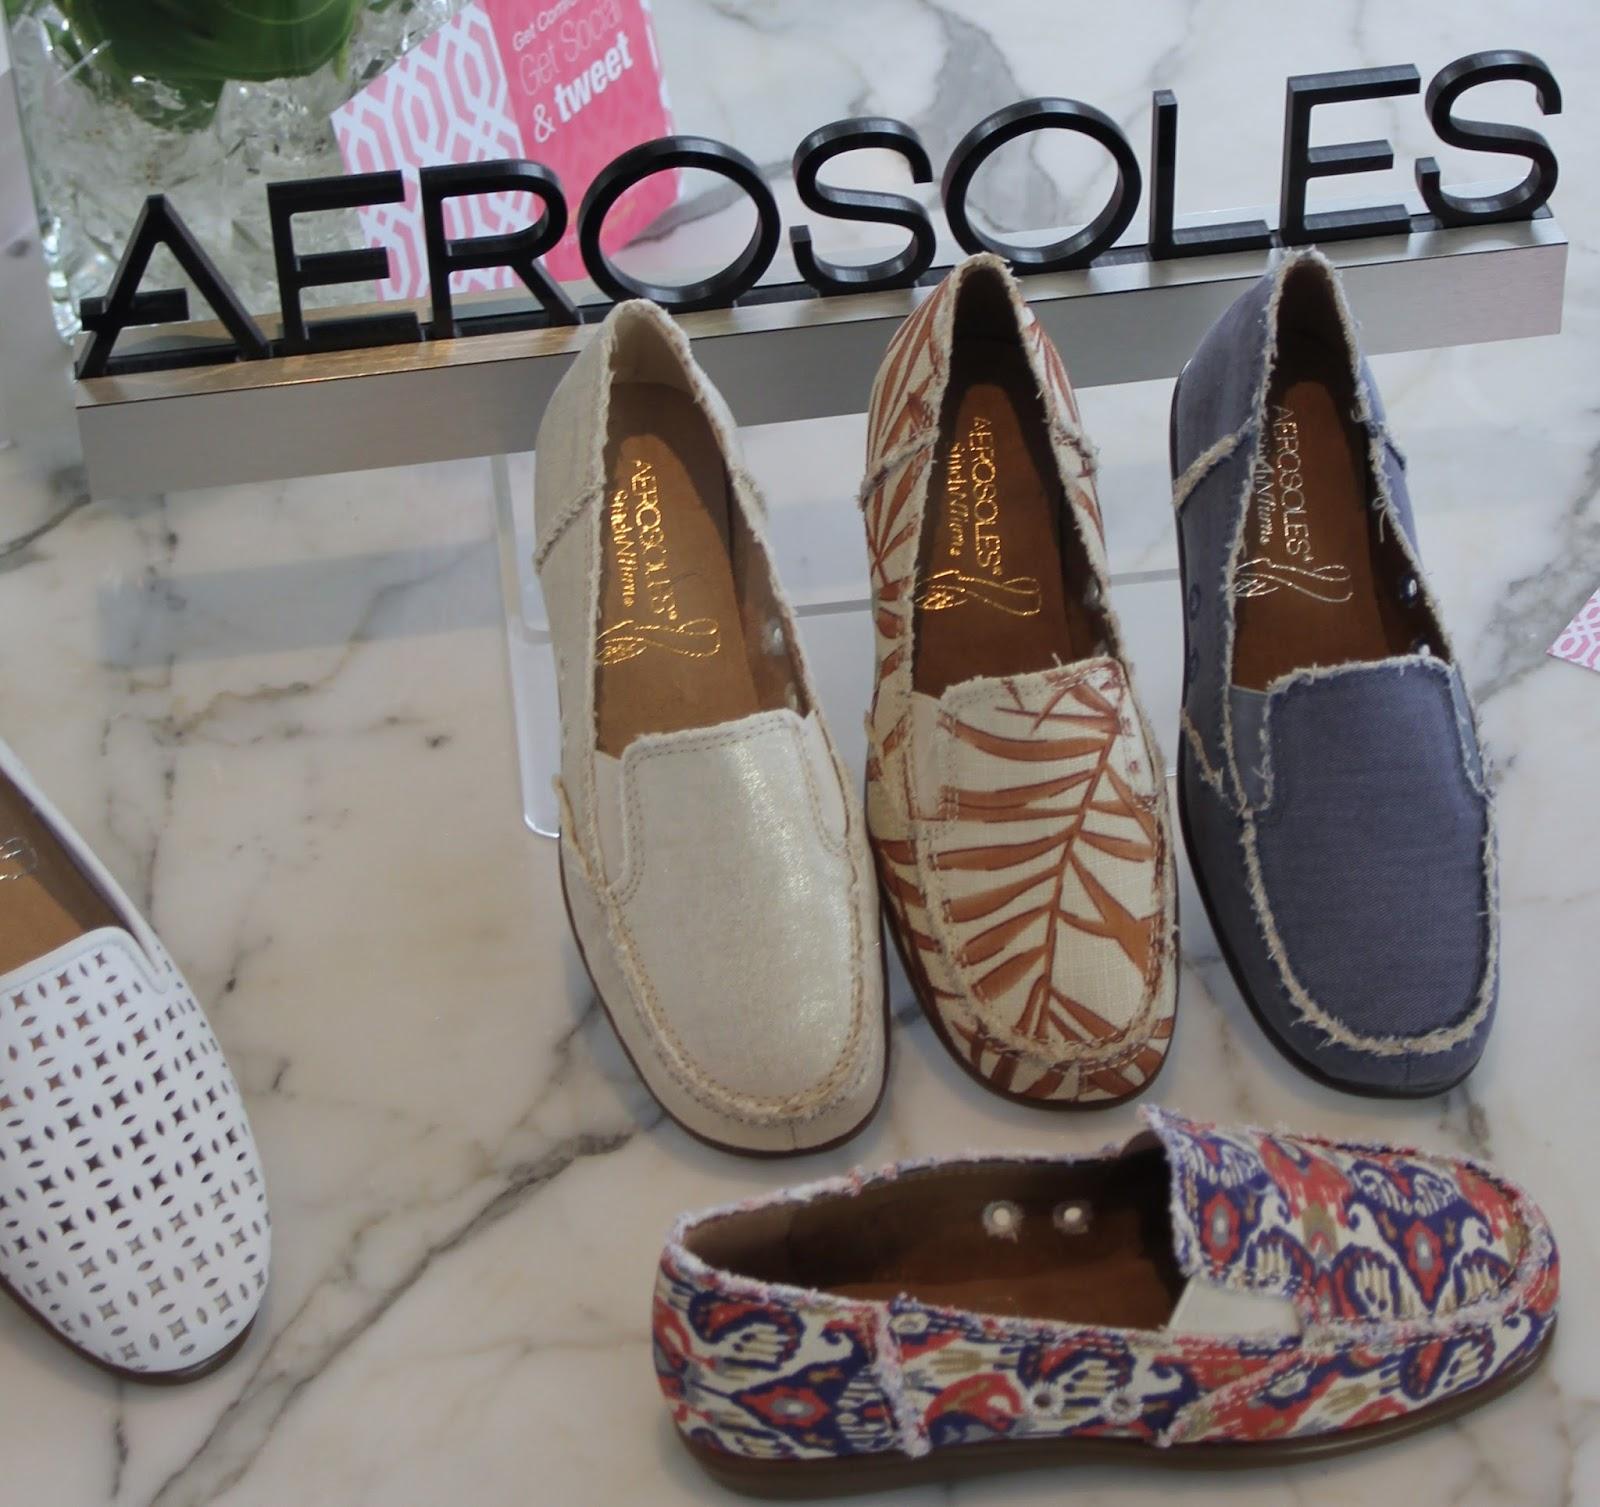 AEROSOLES S/S 2015 W Sandals/Shoes